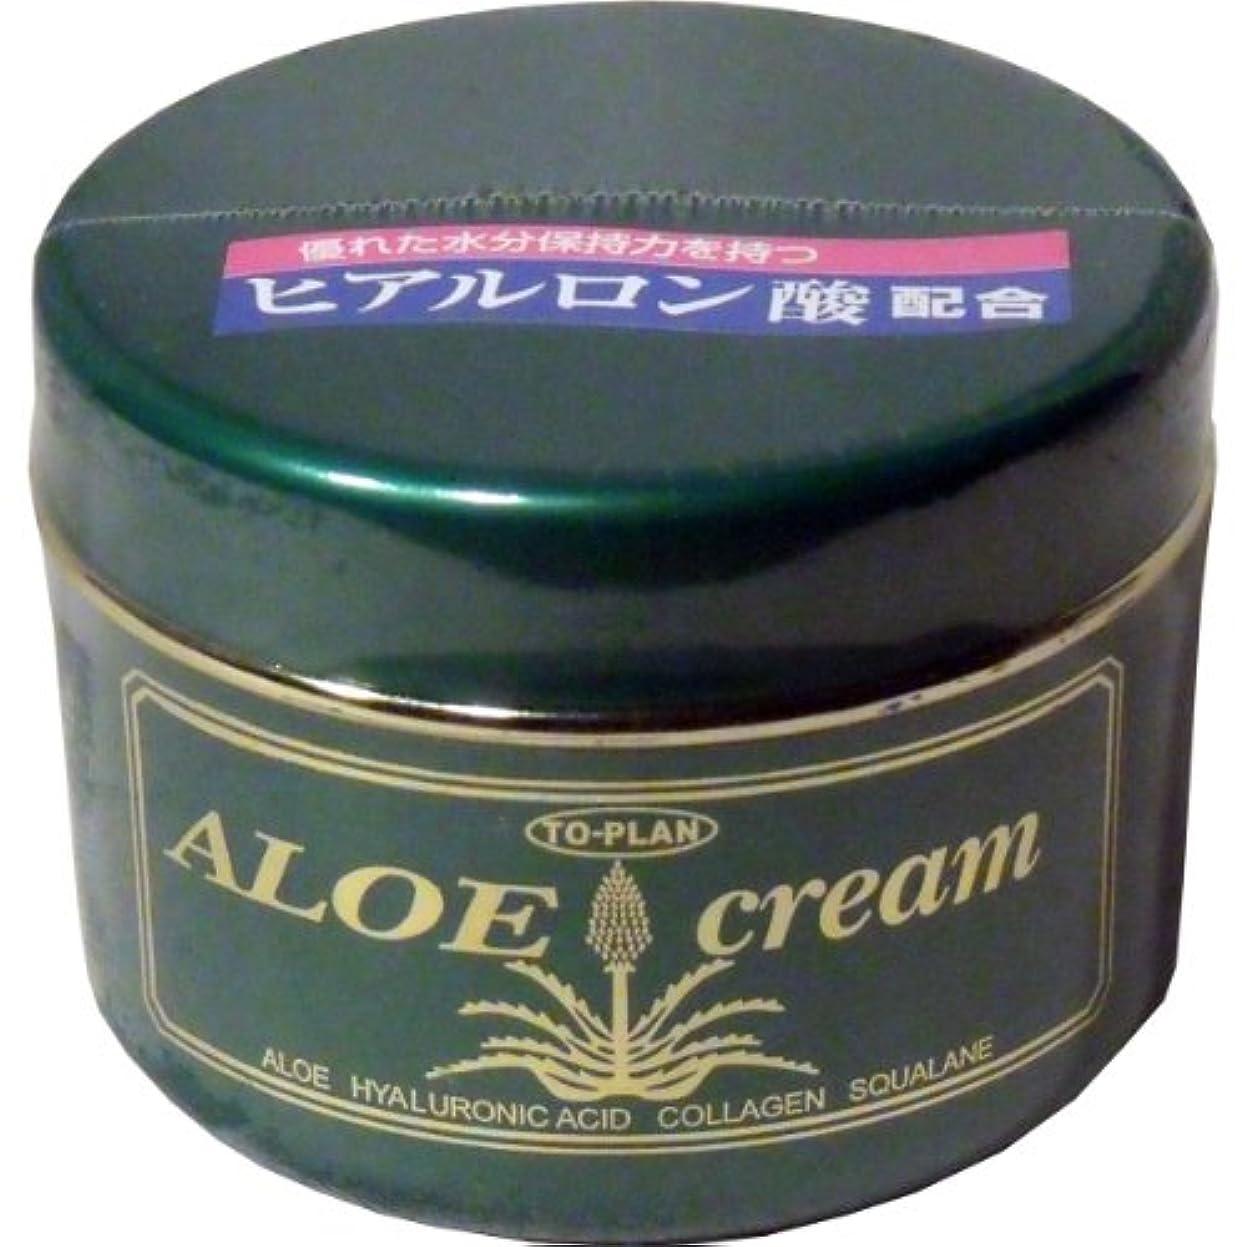 別に徹底的にレキシコントプラン ハーブフレッシュクリーム(アロエクリーム) ヒアルロン酸 170g ×6個セット